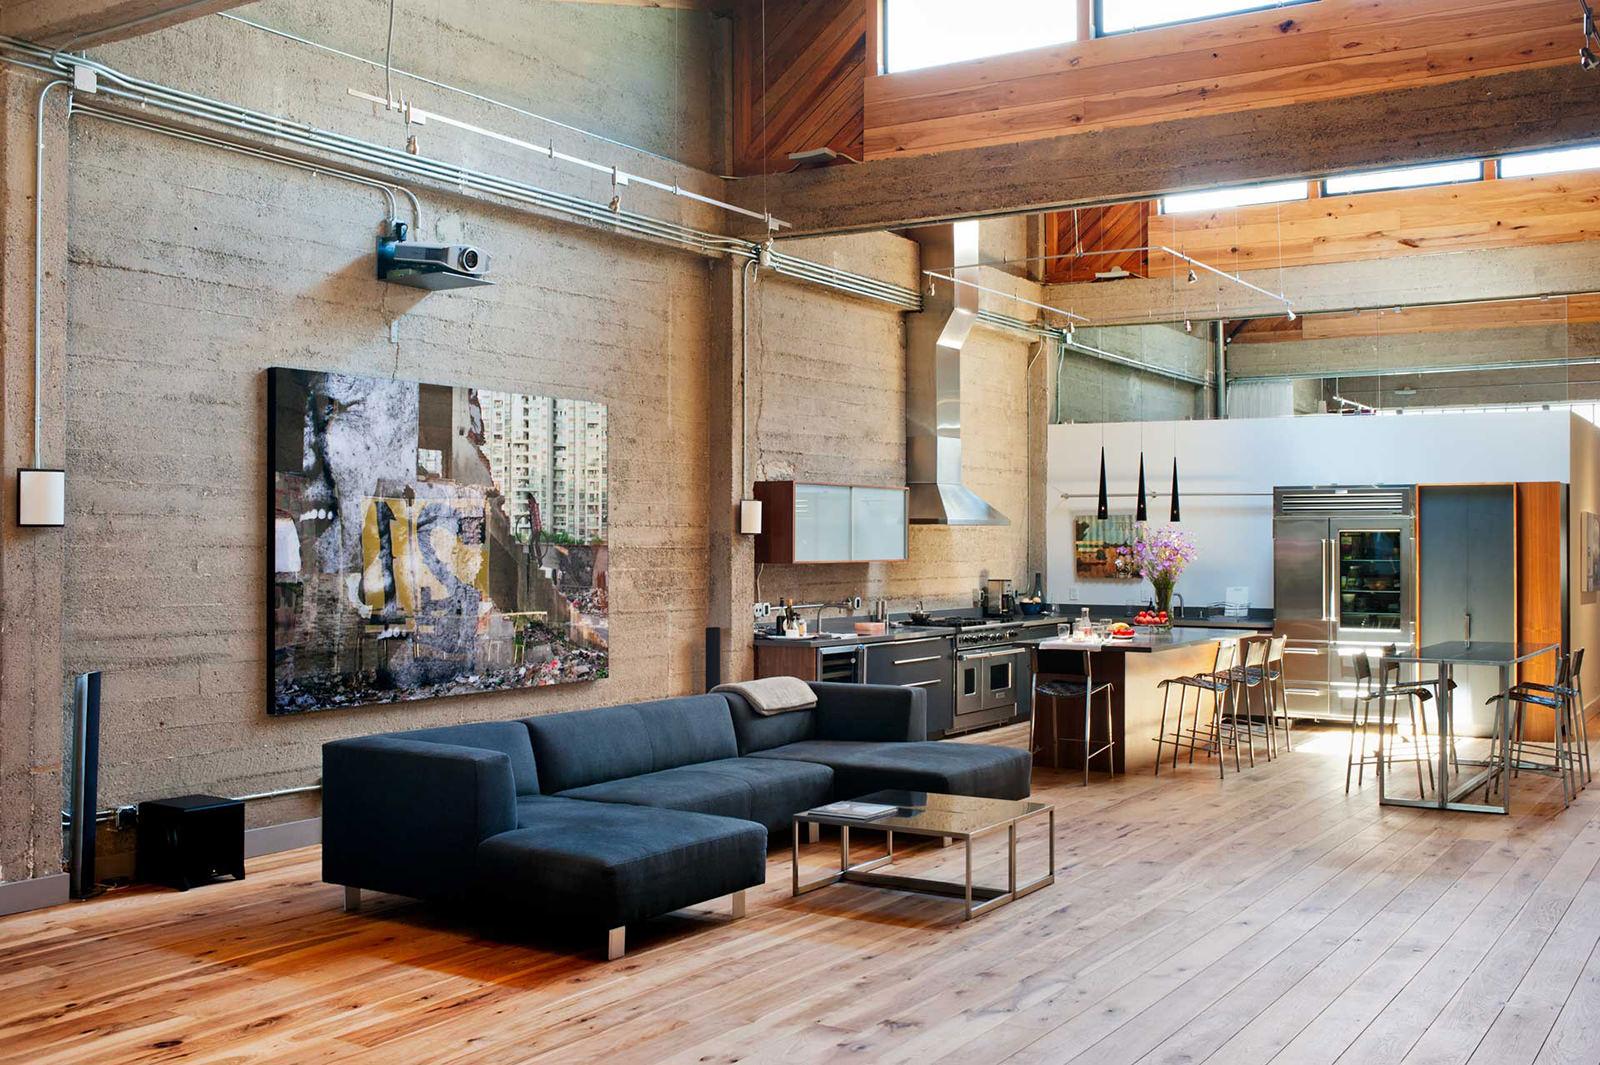 Деревянный пол в интерьере в стиле лофт